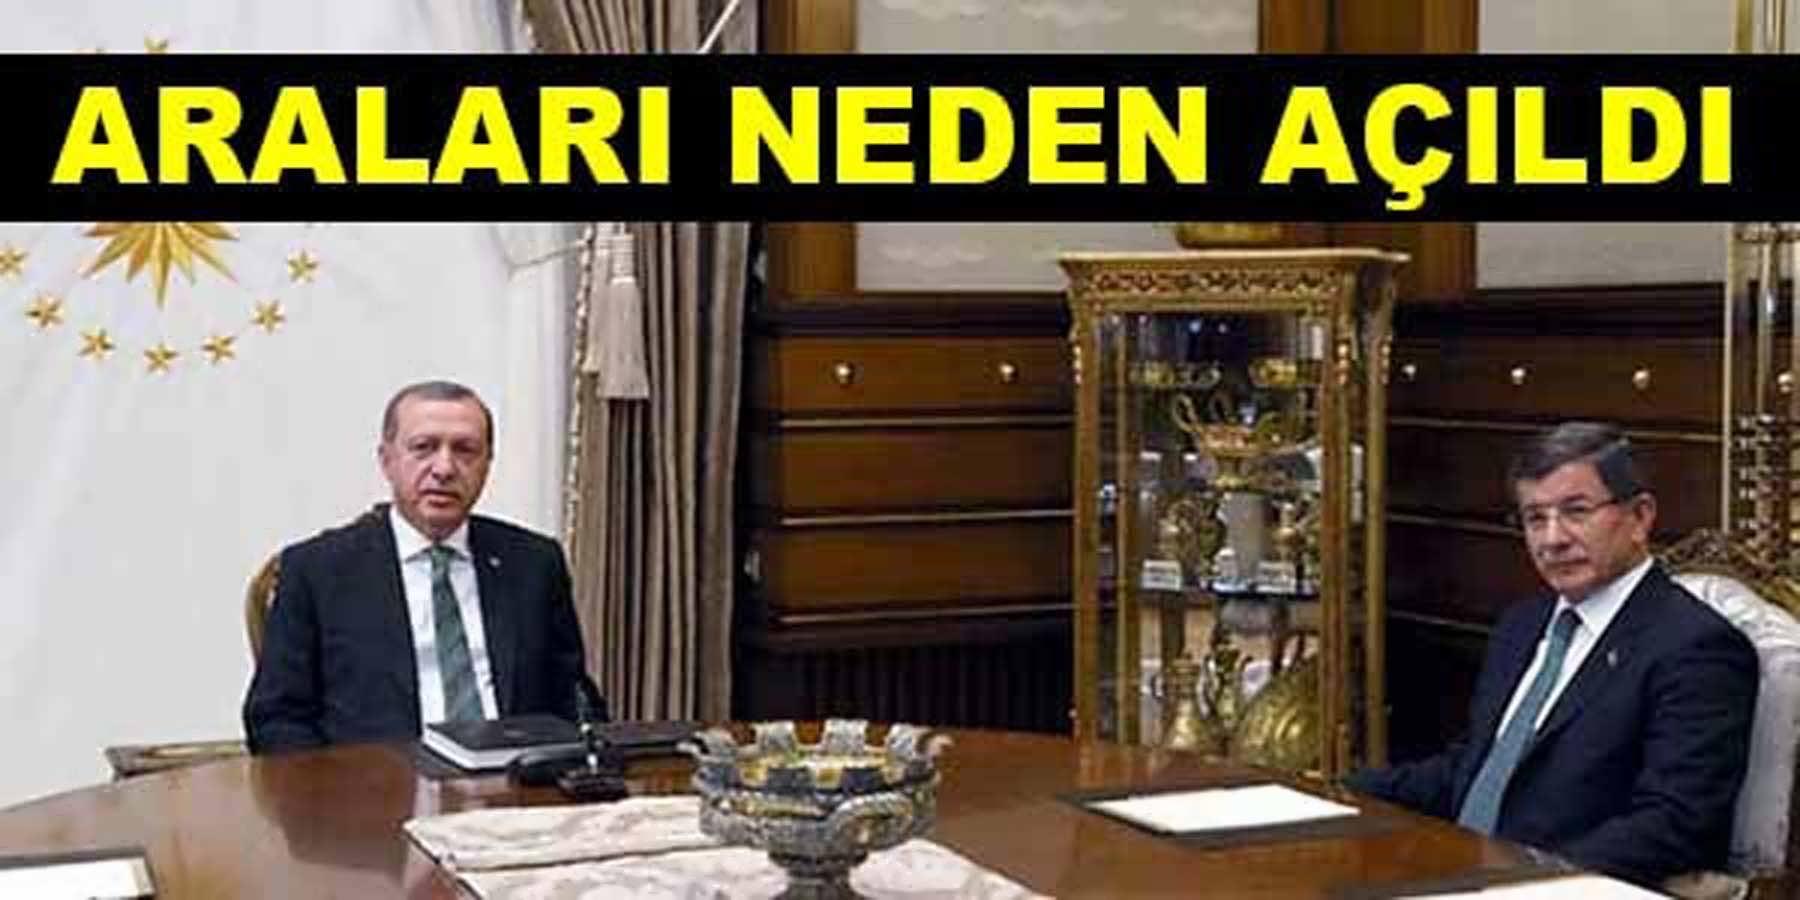 Davutoğlu İle Erdoğan'ın Arasını Açan Olaylar